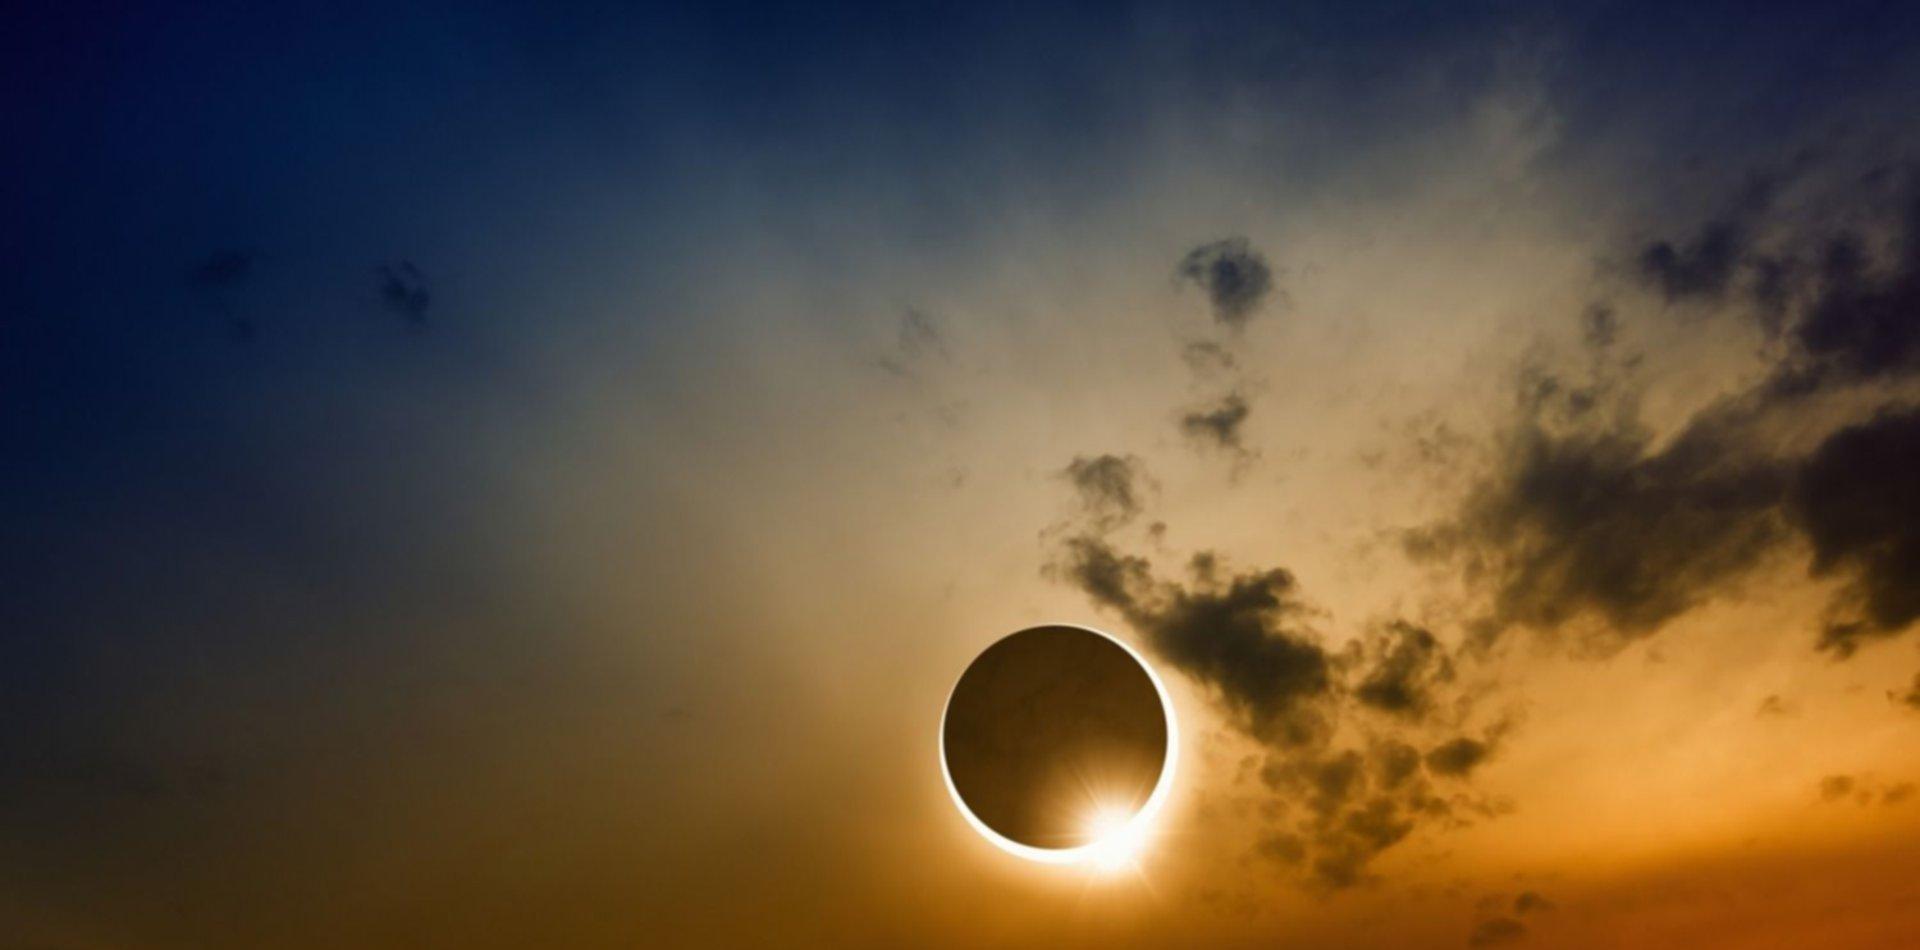 La Plata tendrá equipos especiales para que las personas ciegas puedan percibir el eclipse